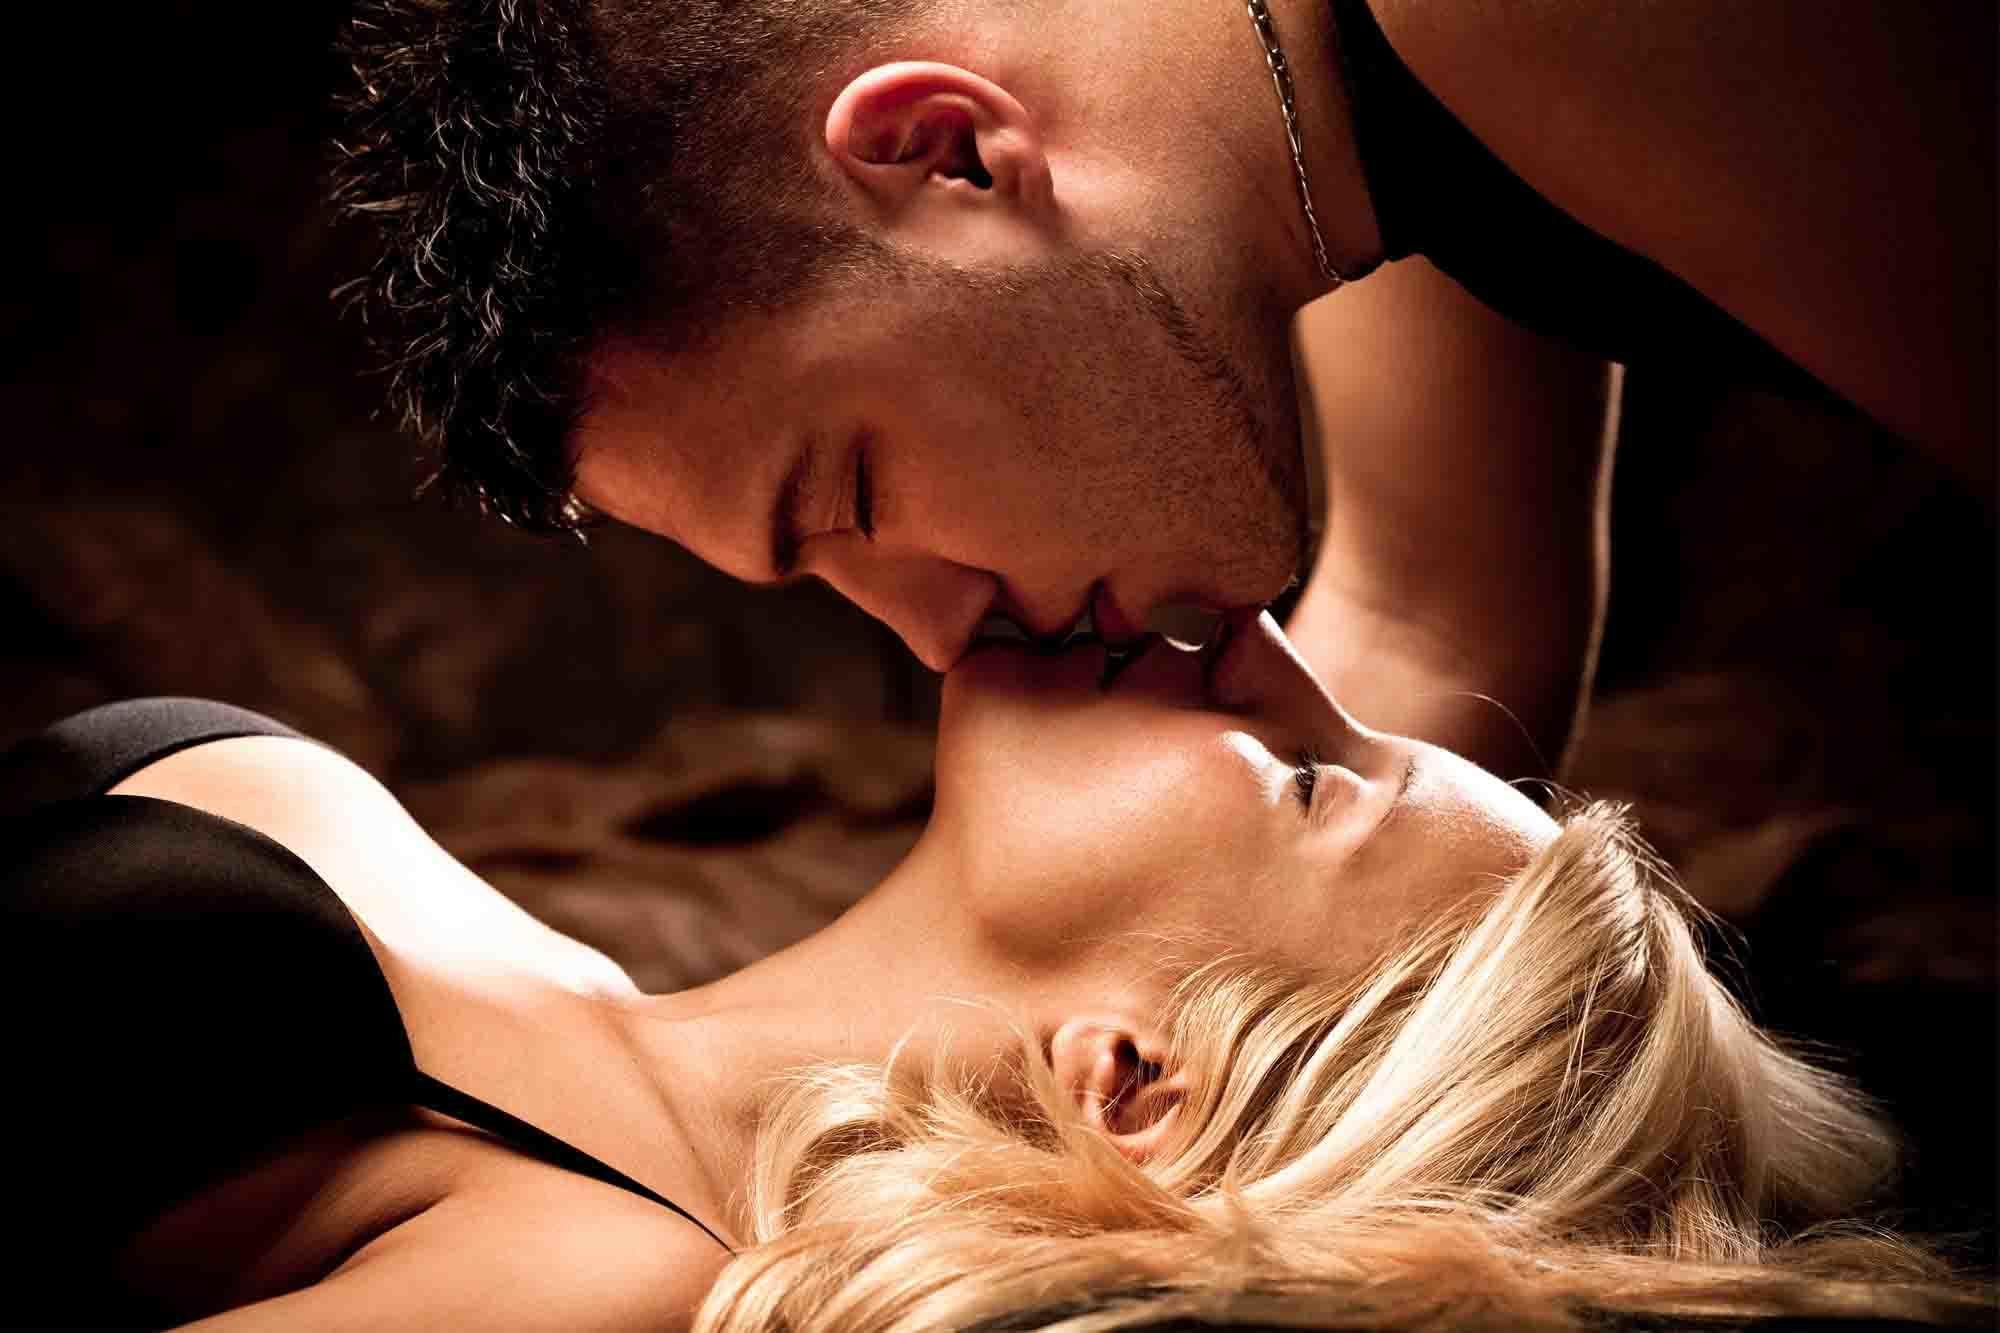 Сексуальное желание с первого взгляда